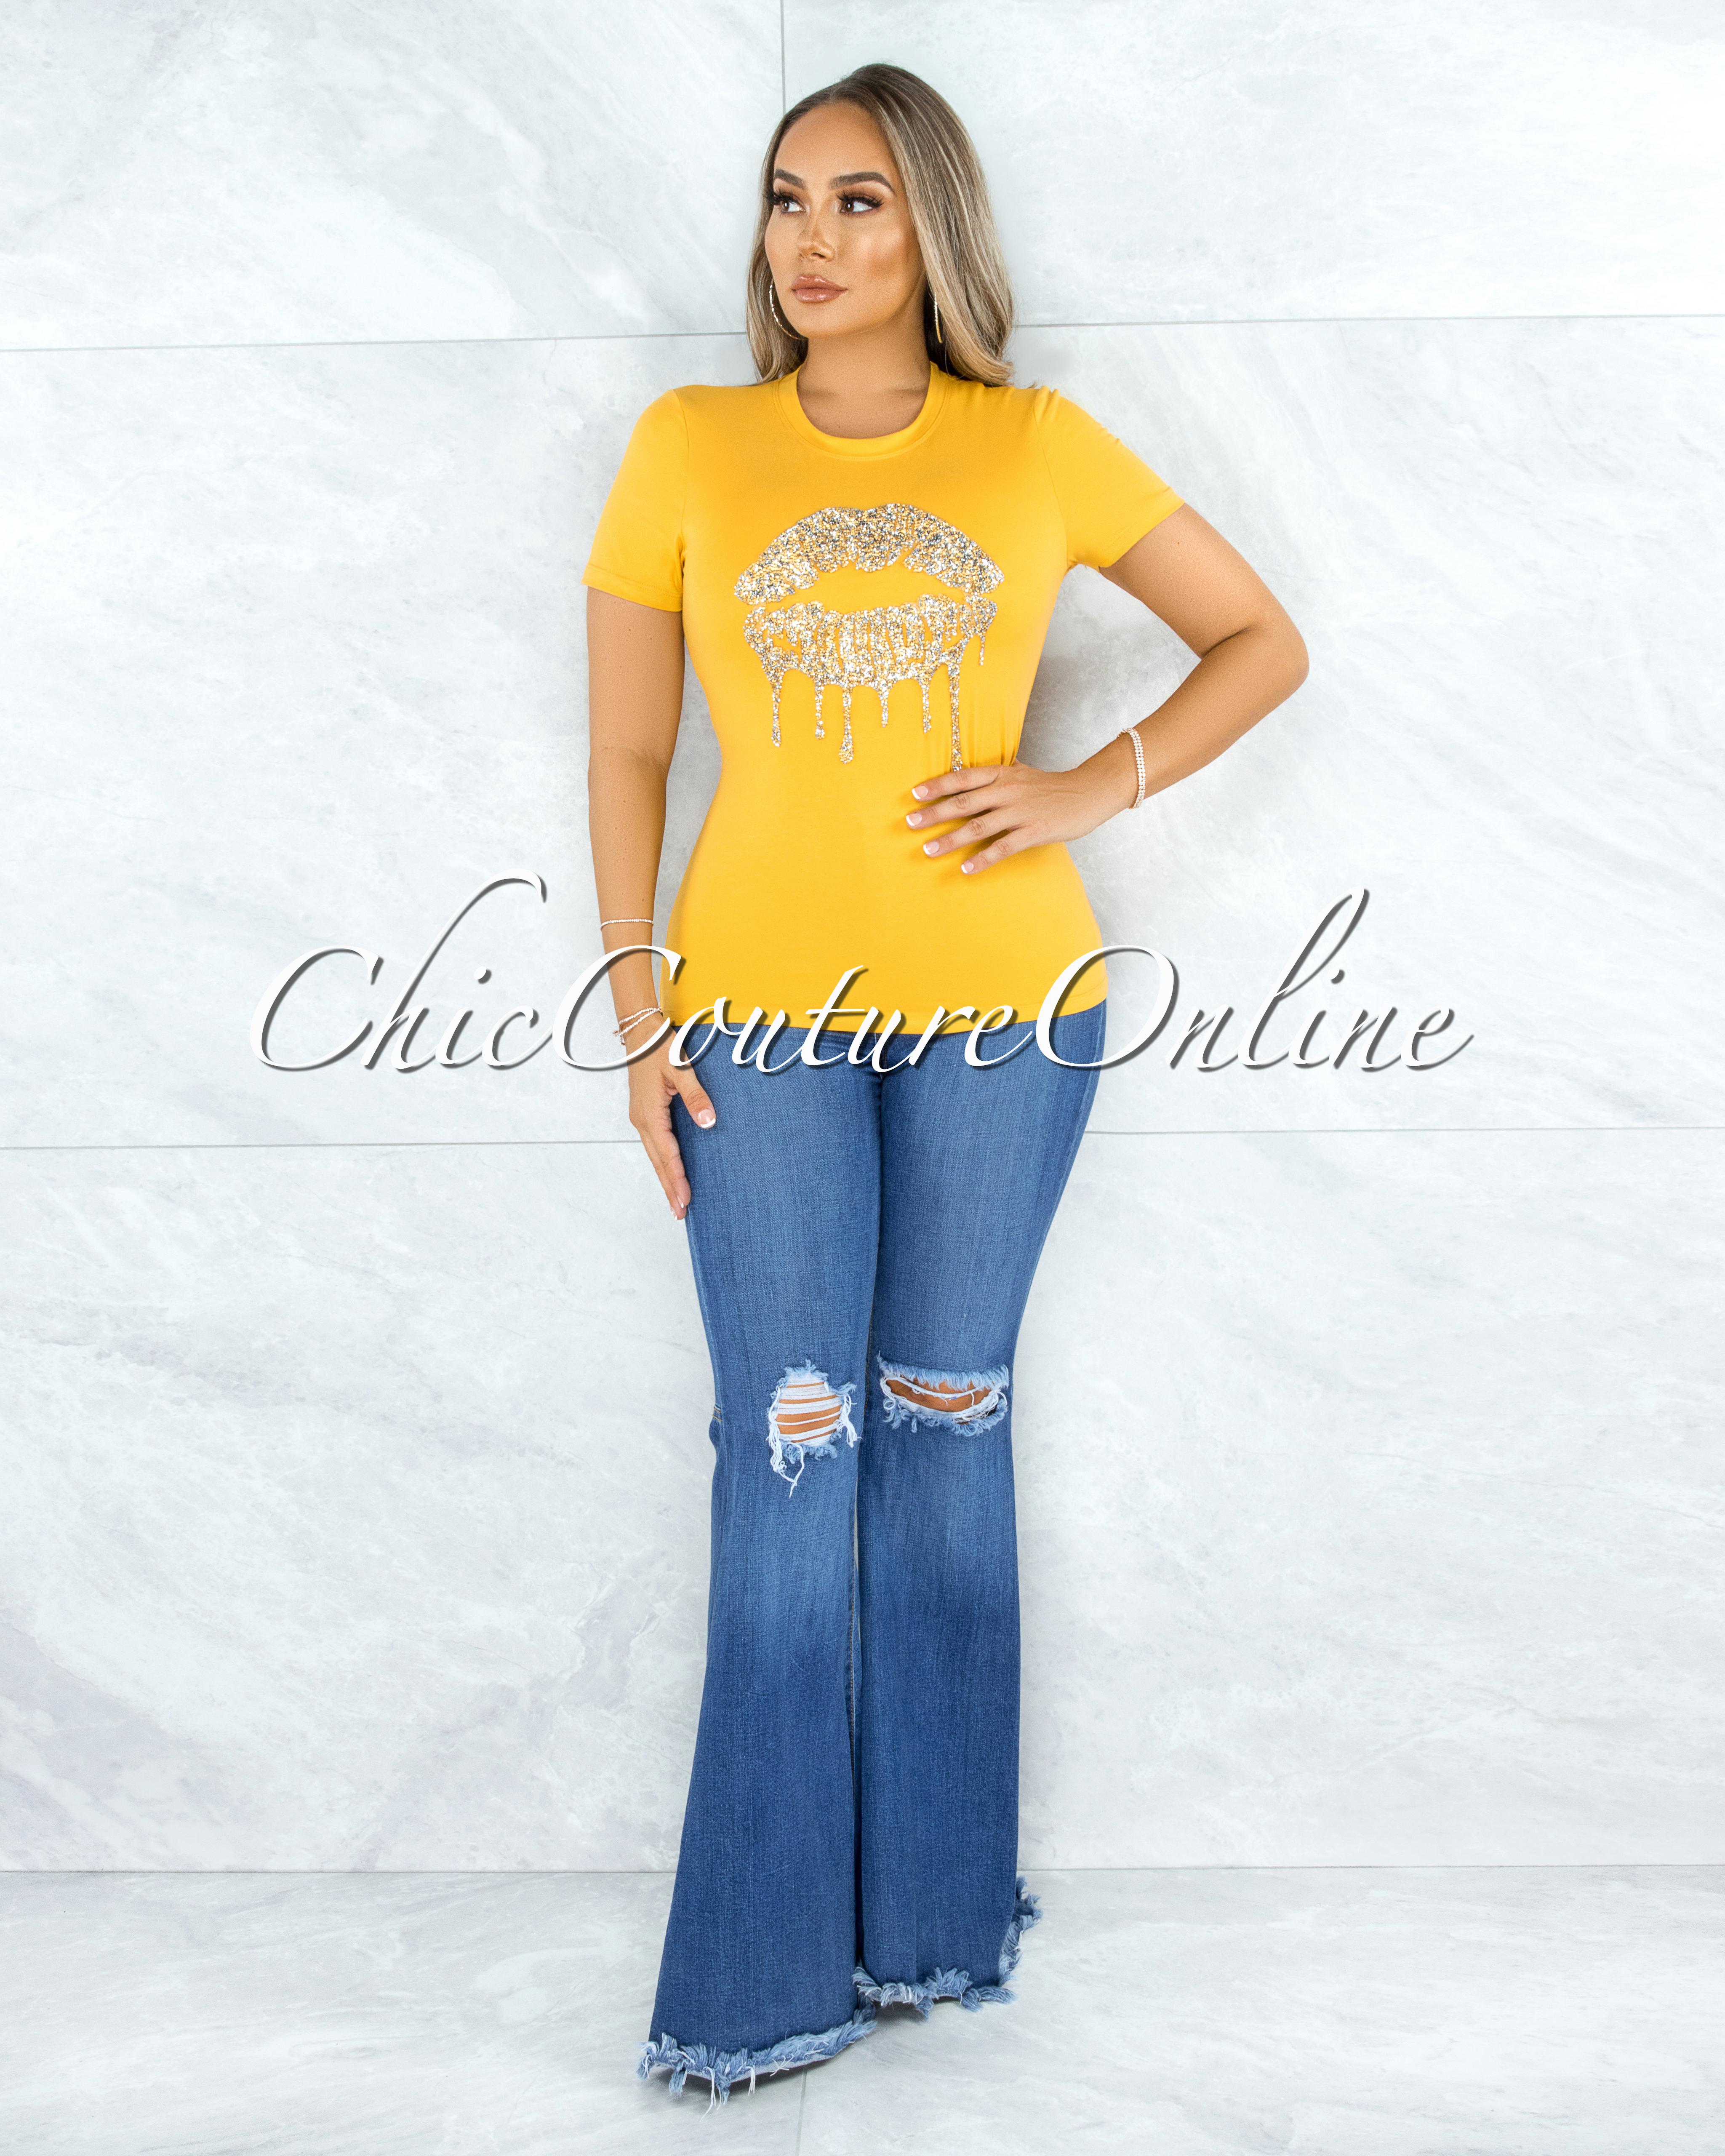 Fabrice Yellow Gold Rhinestones Lips Graphic T-Shirt